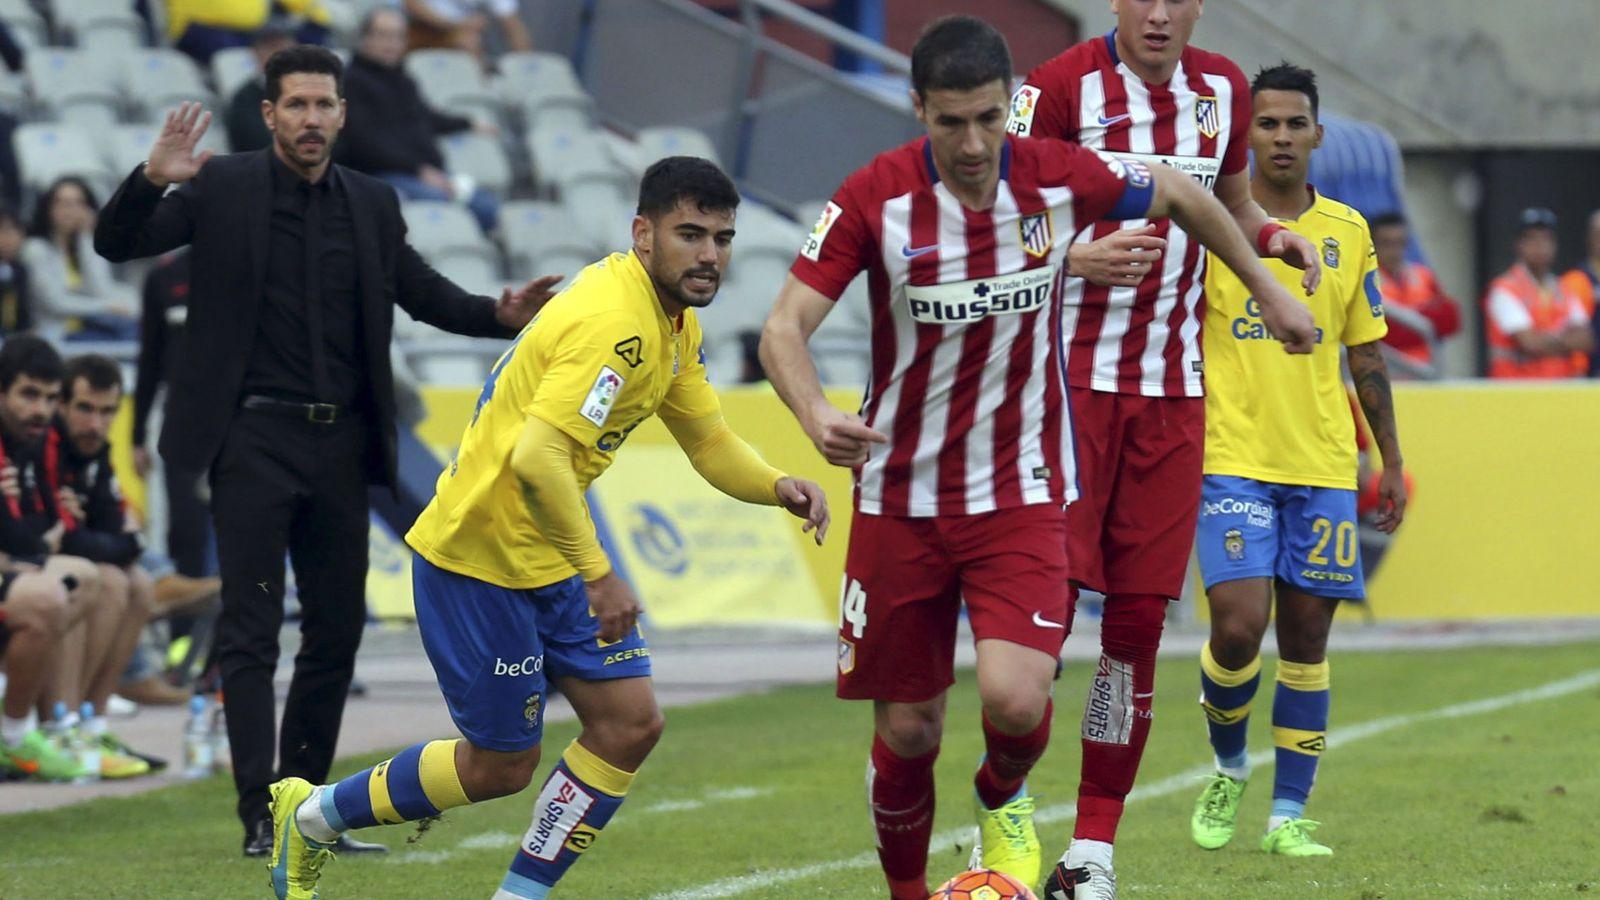 Foto: Gabi, en primer término, durante el partido que el Atlético de Madrid disputó ante Las Palmas en tierras canarias (EFE)